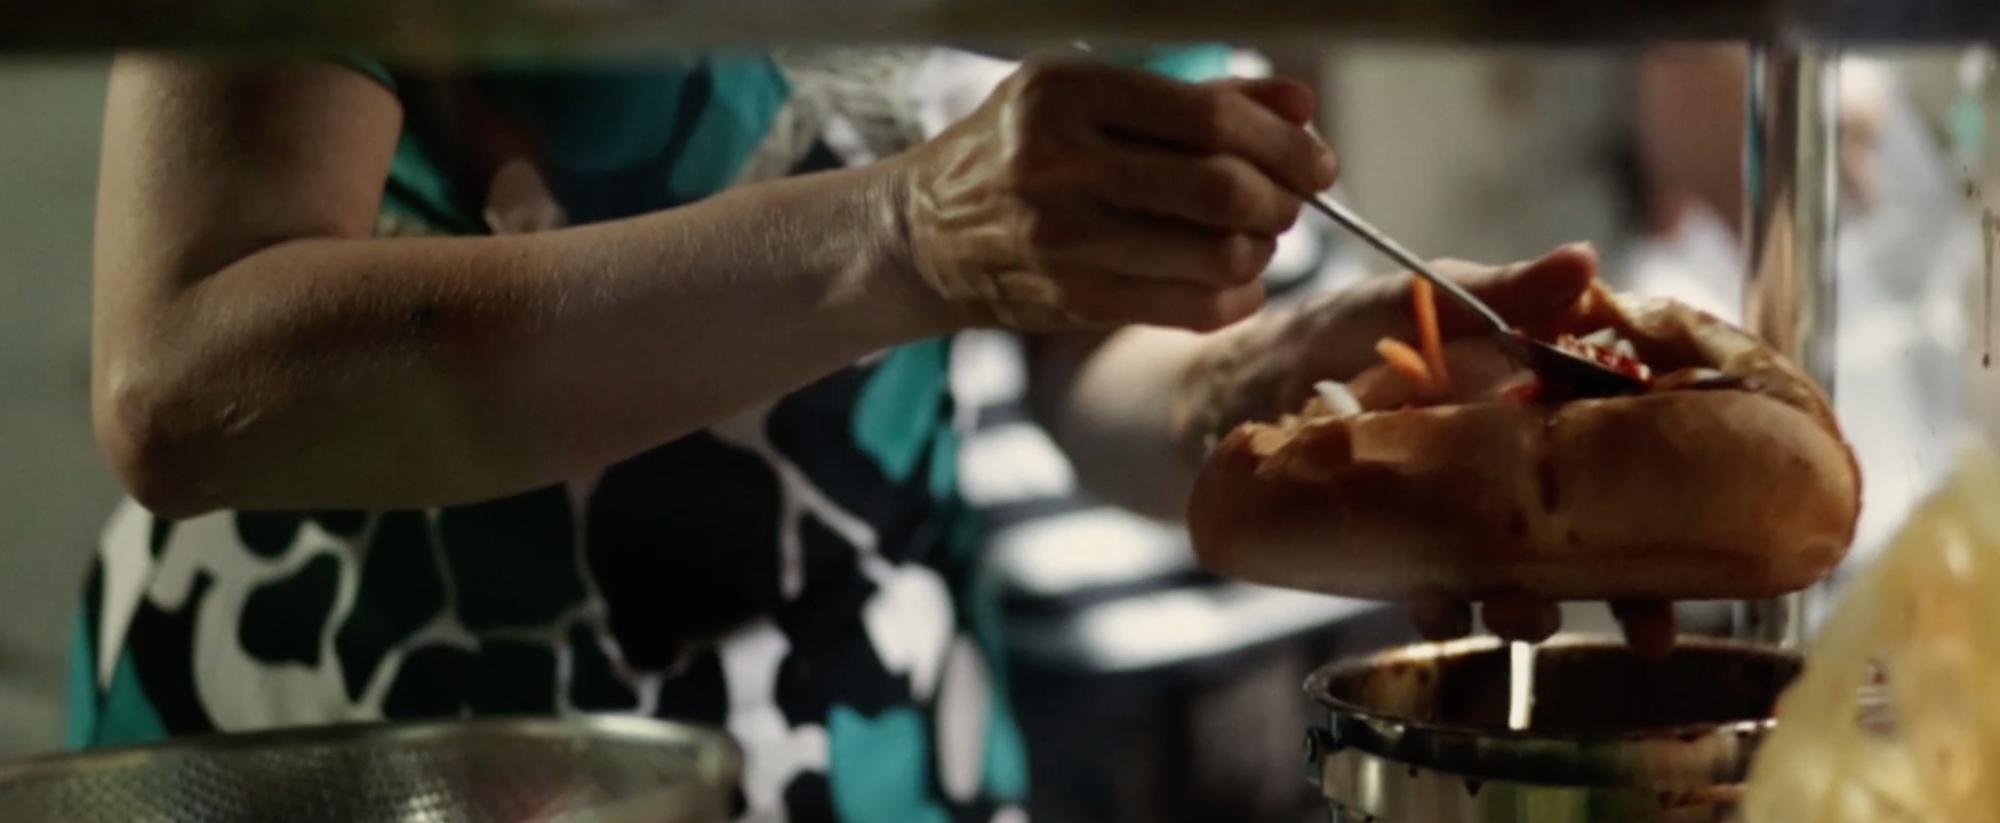 Bàn tay chan chứa yêu thương